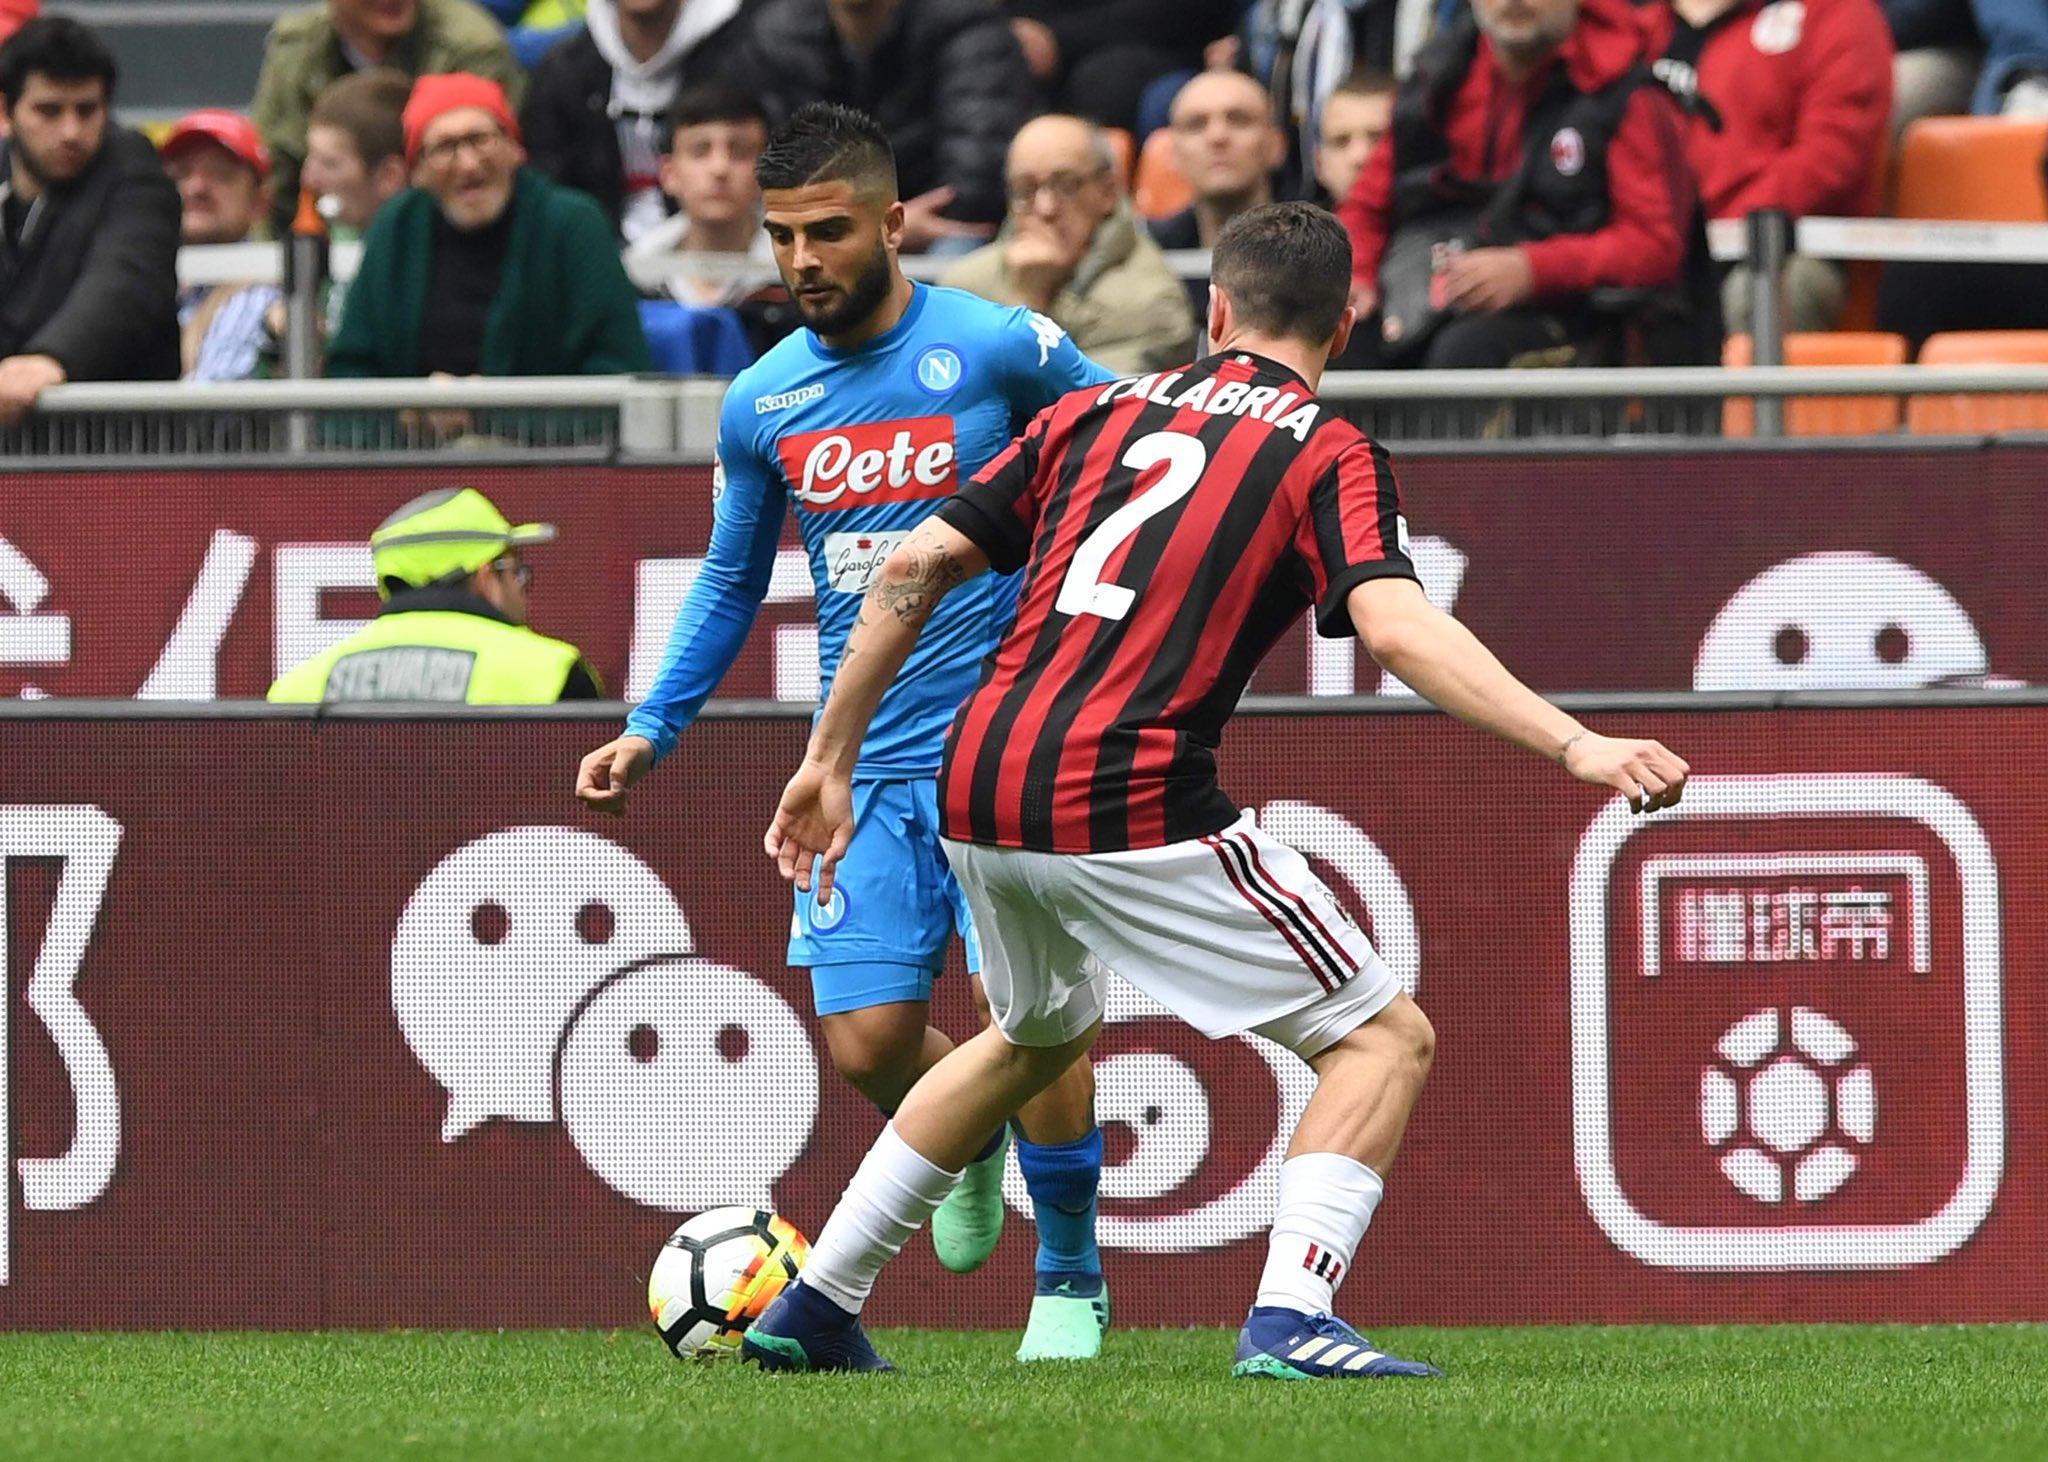 Milan-Napoli 0-0, il primo tempo: a San Siro va in scena l'equilibrio della tattica